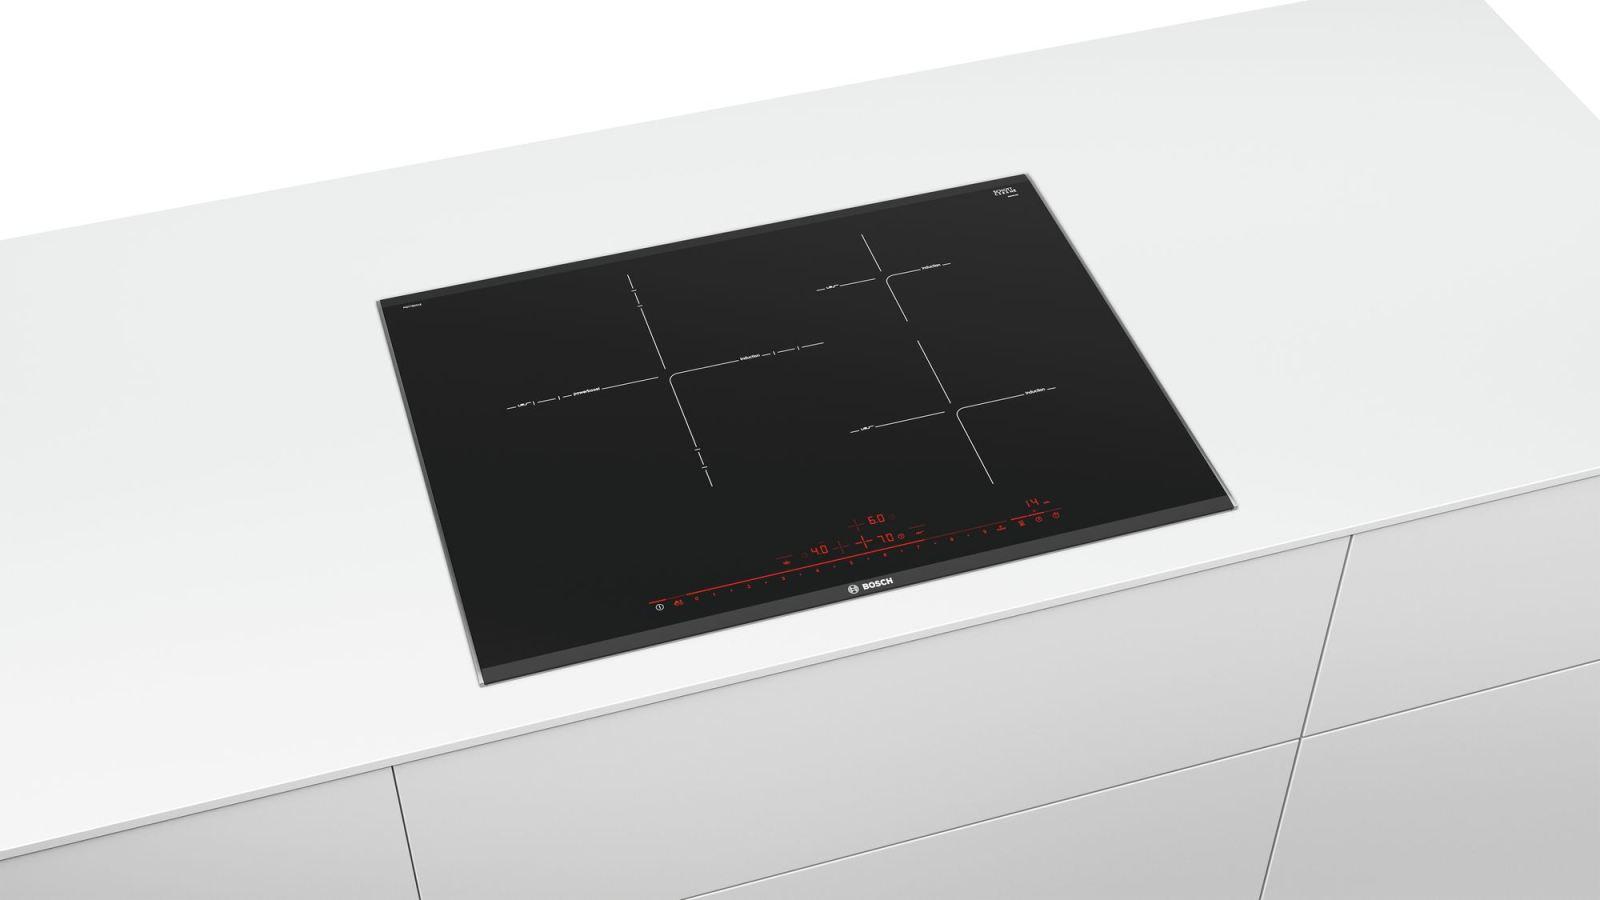 Bếp từ Bosch PID775DC1E